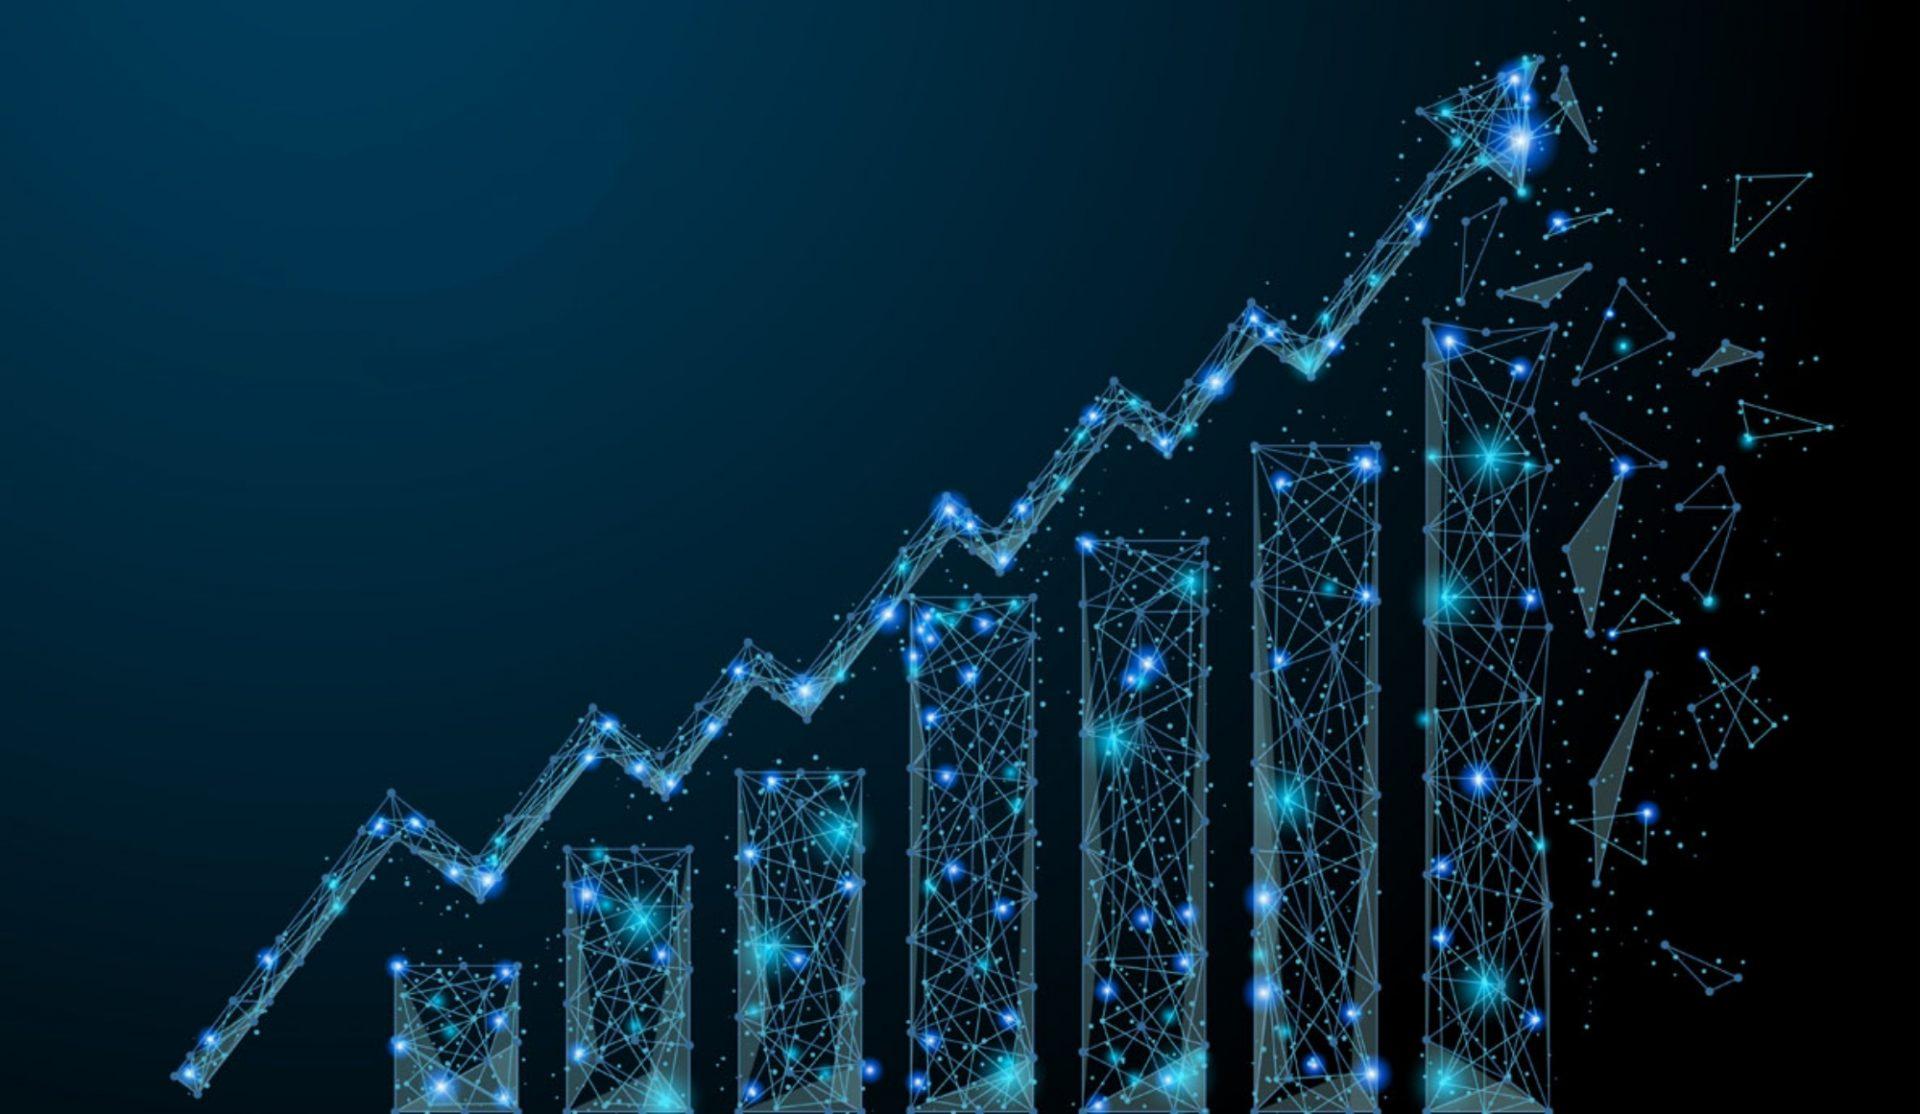 تحلیل تکنیکال تحلیل تکنیکال تحلیل تکنیکال چیست؟مزایا و تفاوت تحلیل تکنیکال در برابر بنیادی cropped ai trading3 1